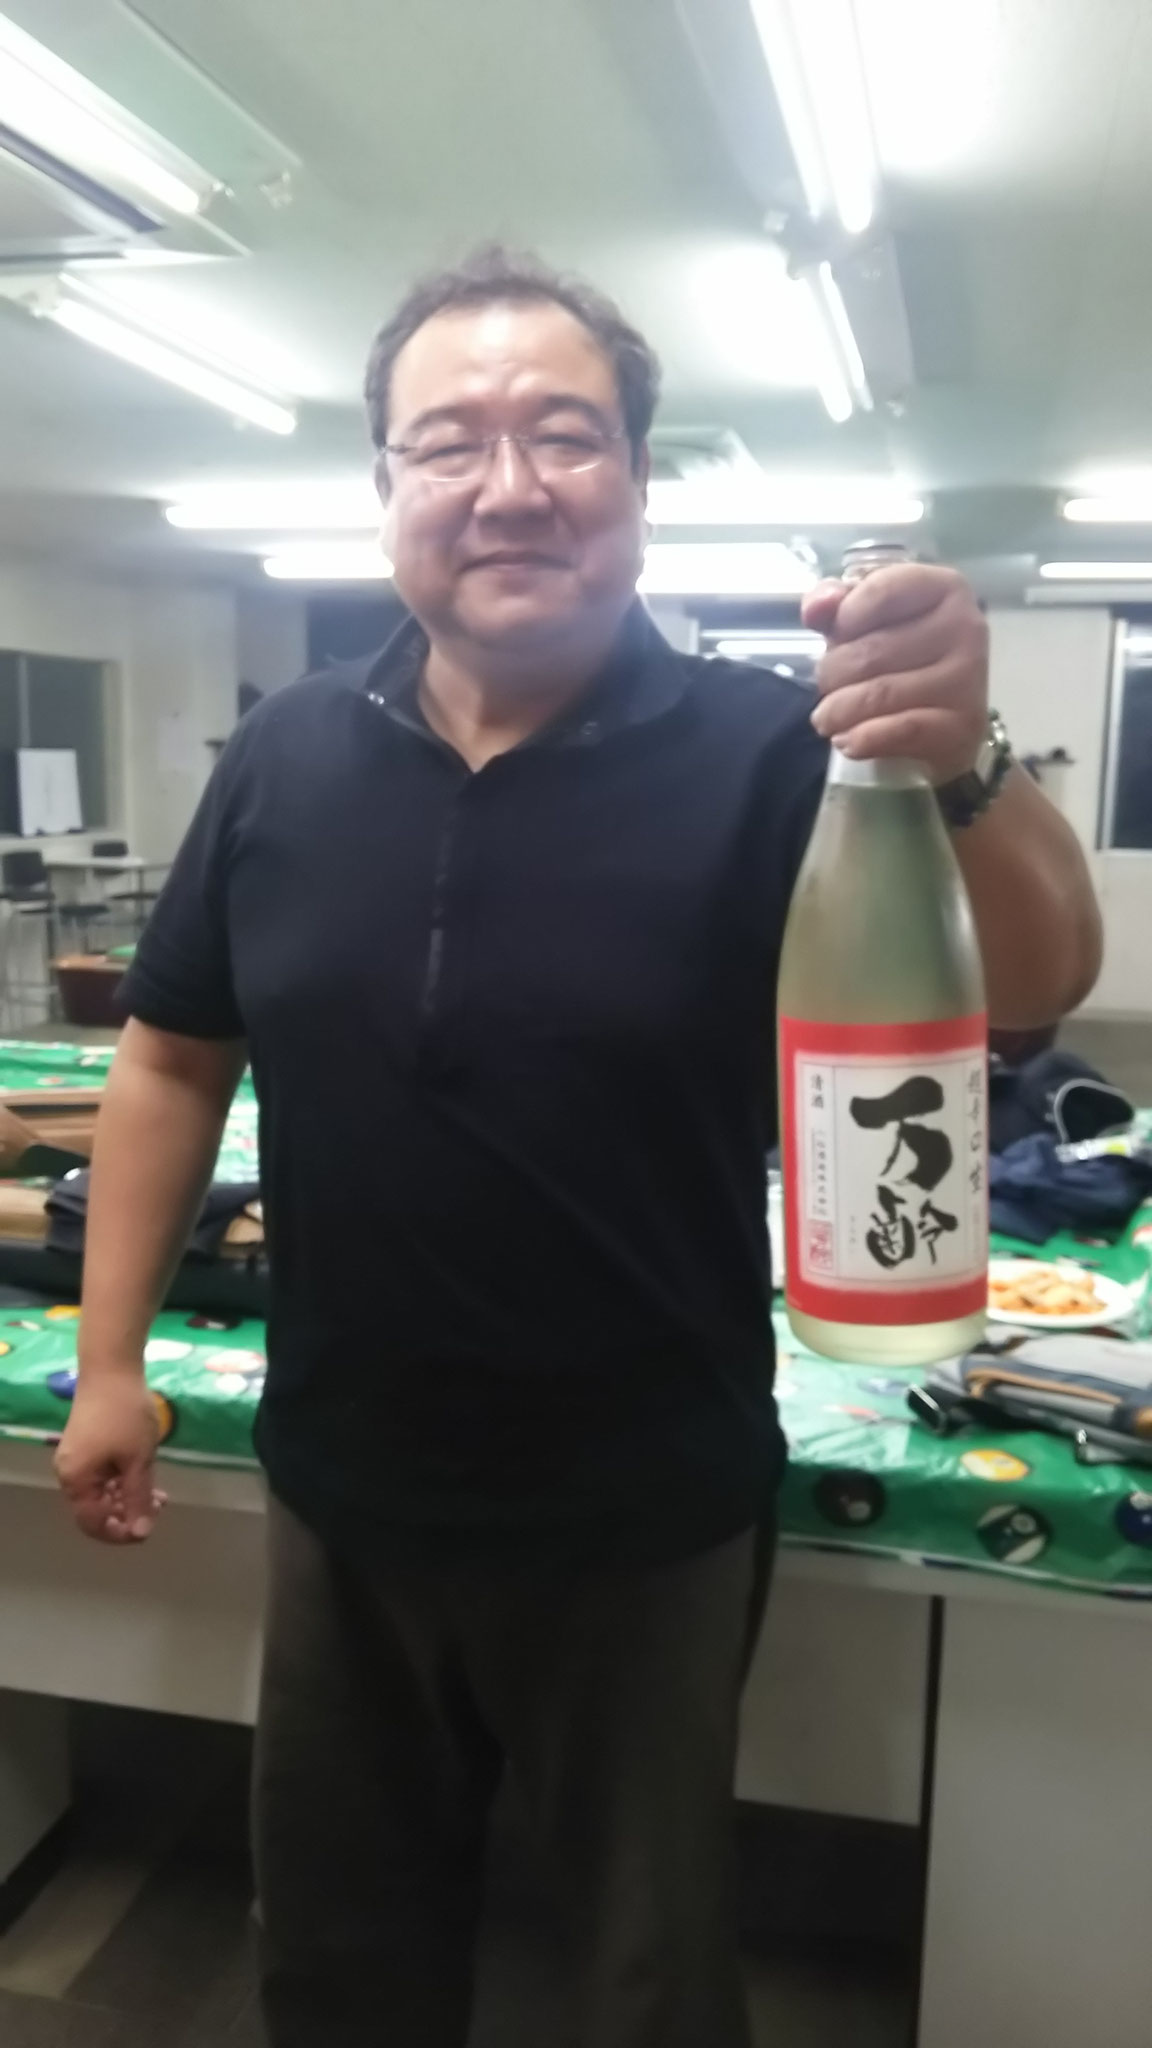 𠮷村さん、ほんまいつもすんません。今回のお酒は、佐賀県の万齢という物。超辛口。冷やして飲むとちょうど良く先月のお酒より美味しいなぁと皆で品評会になりました。ありがとうございました。